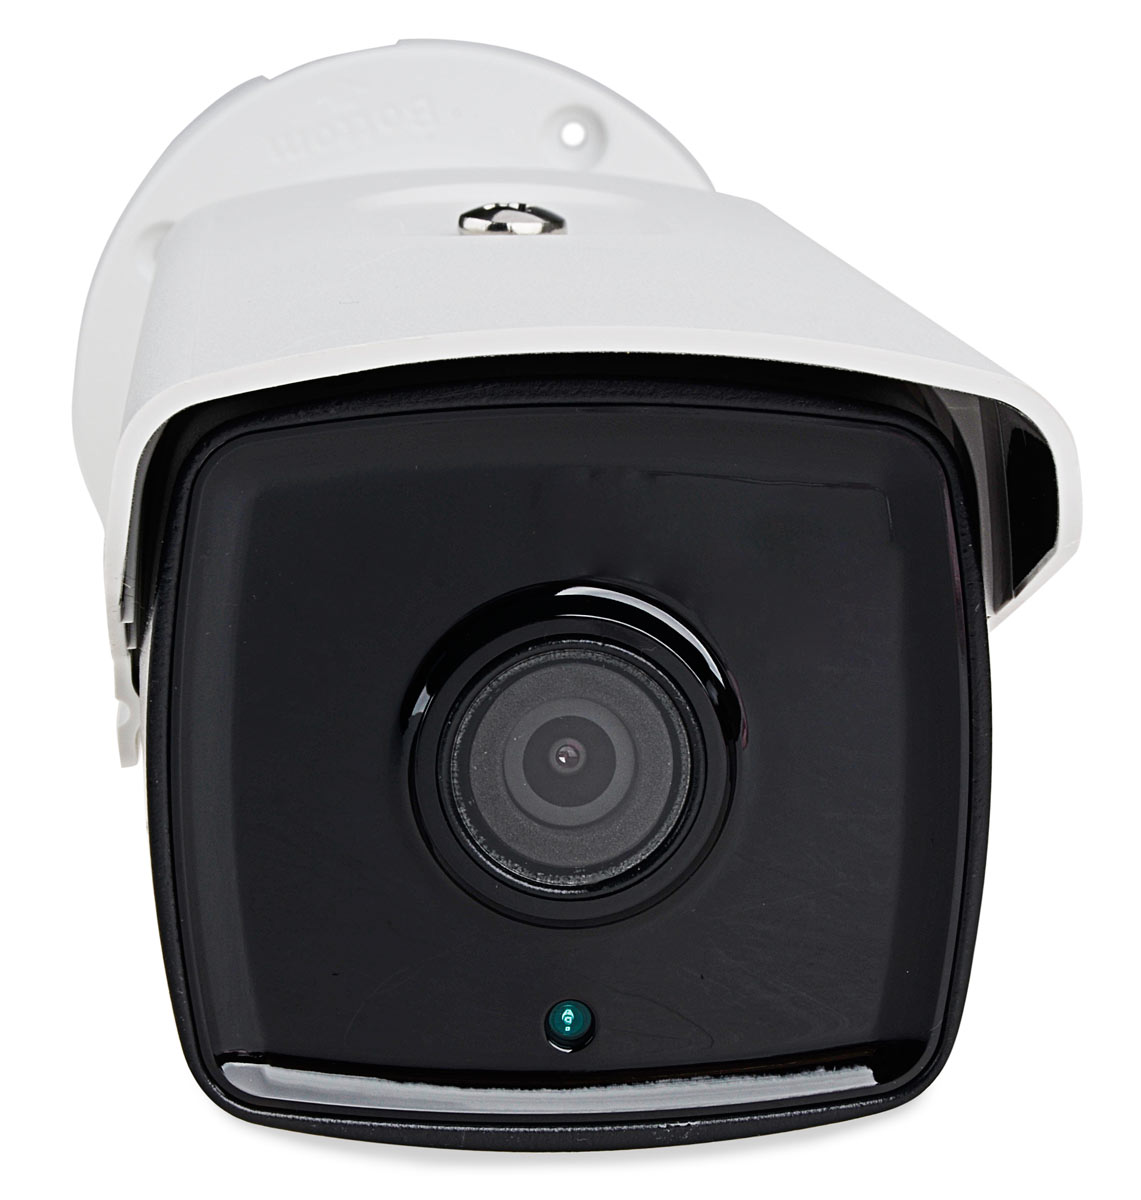 Niewidoczny oświetlacz kamery DS-2CD2T22WD-I5